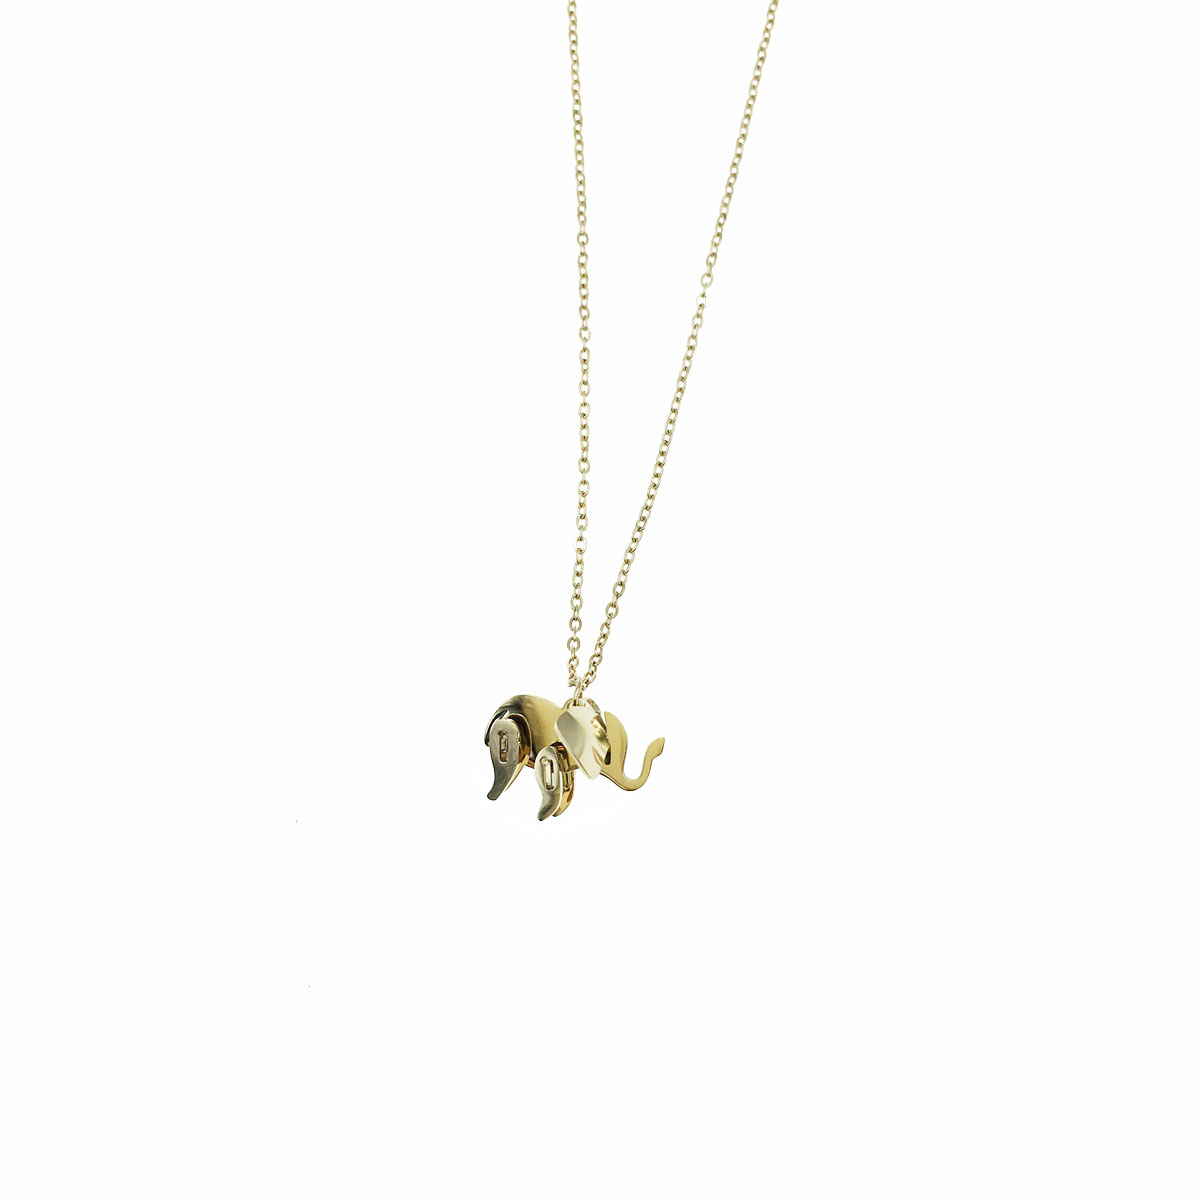 韓國 不銹鋼 大象 立體 金屬感 鎖骨鍊 短鍊 項鍊 飾品